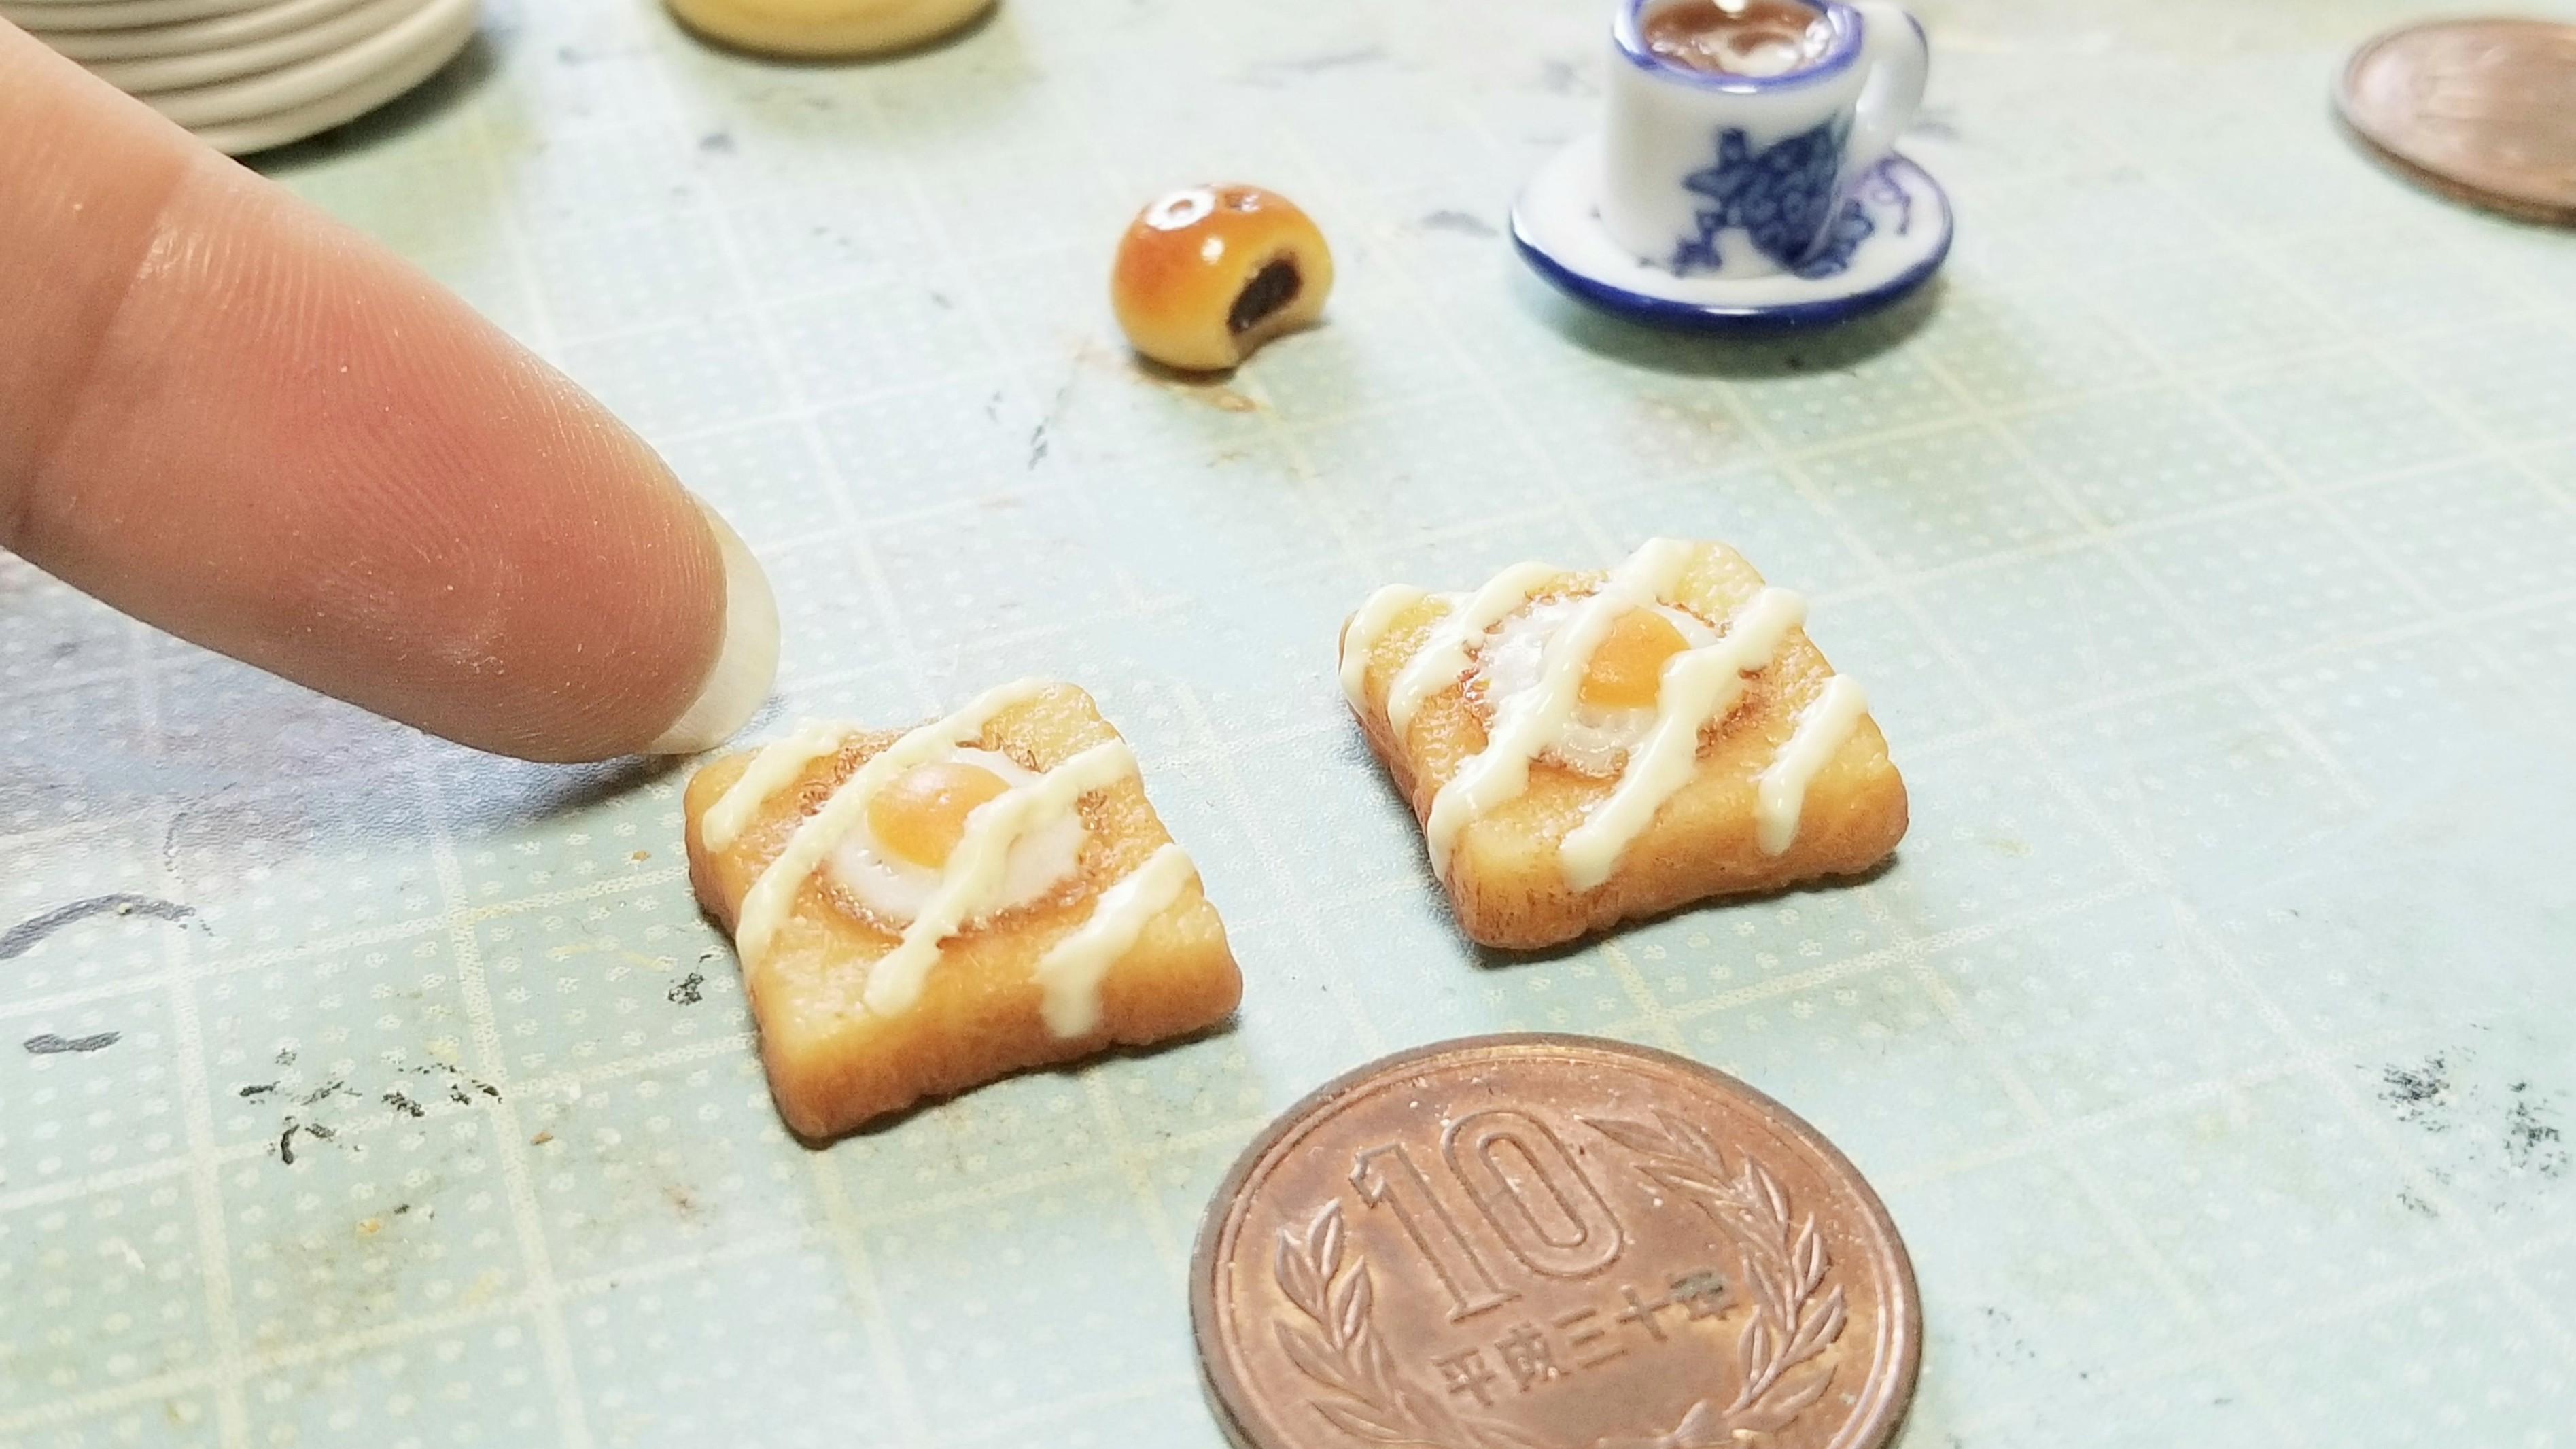 おいしい朝食に食パントースト目玉焼きモーニング朝ご飯おすすめ